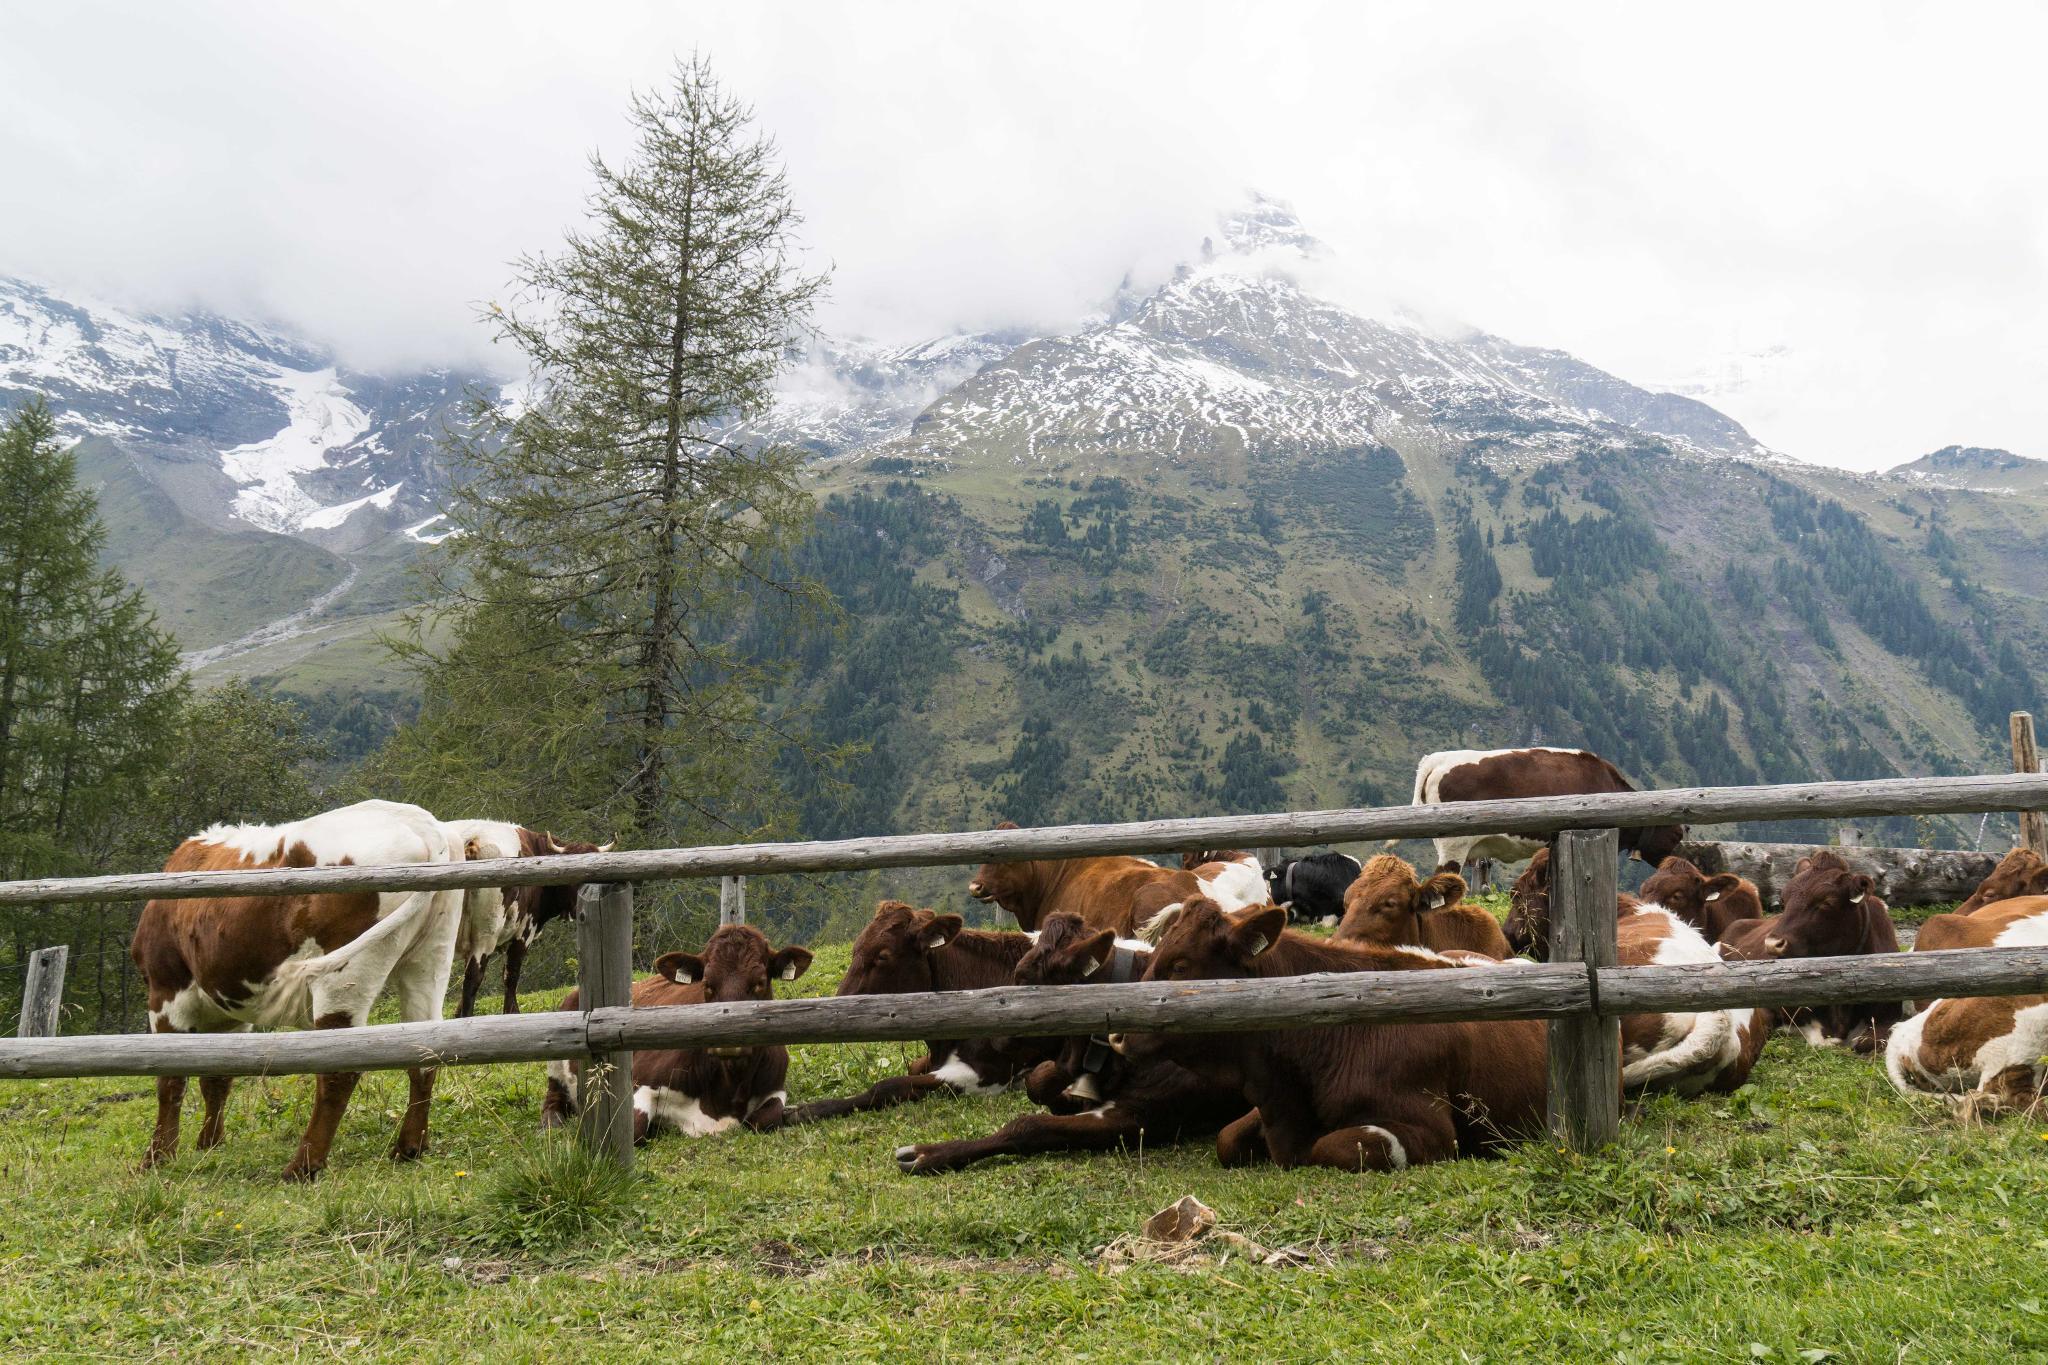 【奧地利】穿越阿爾卑斯之巔 — 奧地利大鐘山冰河公路 (Grossglockner High Alpine Road) 62